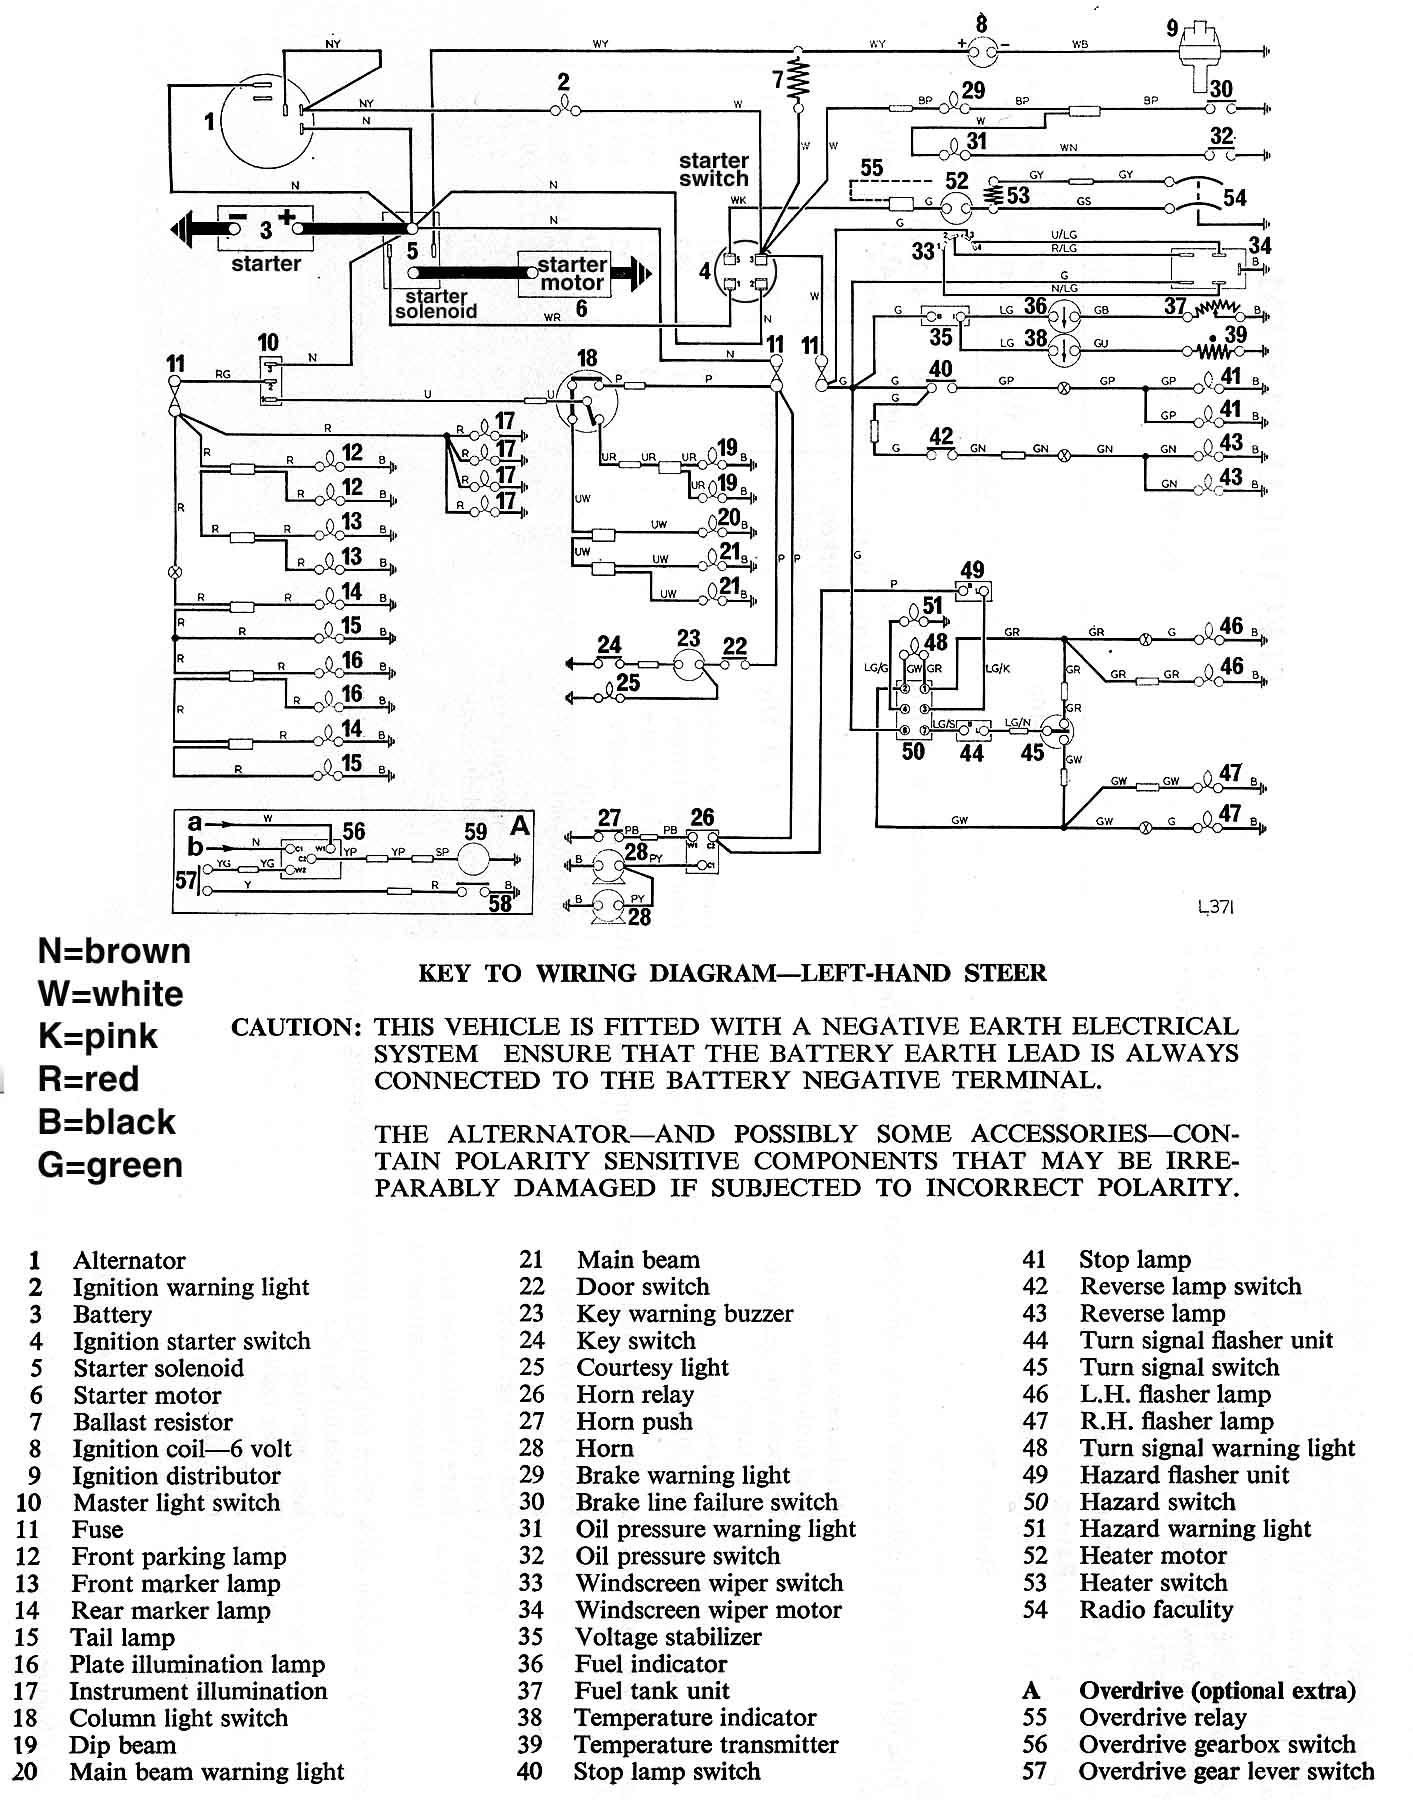 1994 Jeep Cherokee Wiring Diagram Http Wwwjustanswercom Jeep 2m8i7